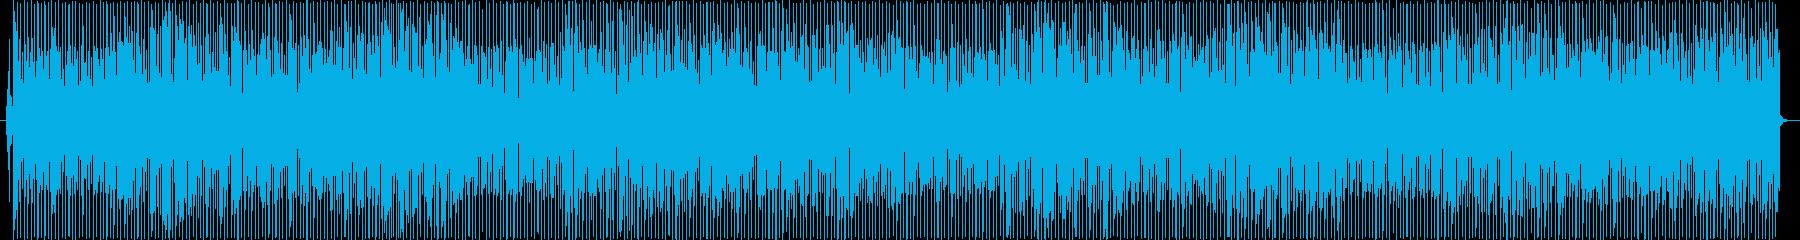 ポップス、ディスコぽいBGM 商品紹介の再生済みの波形